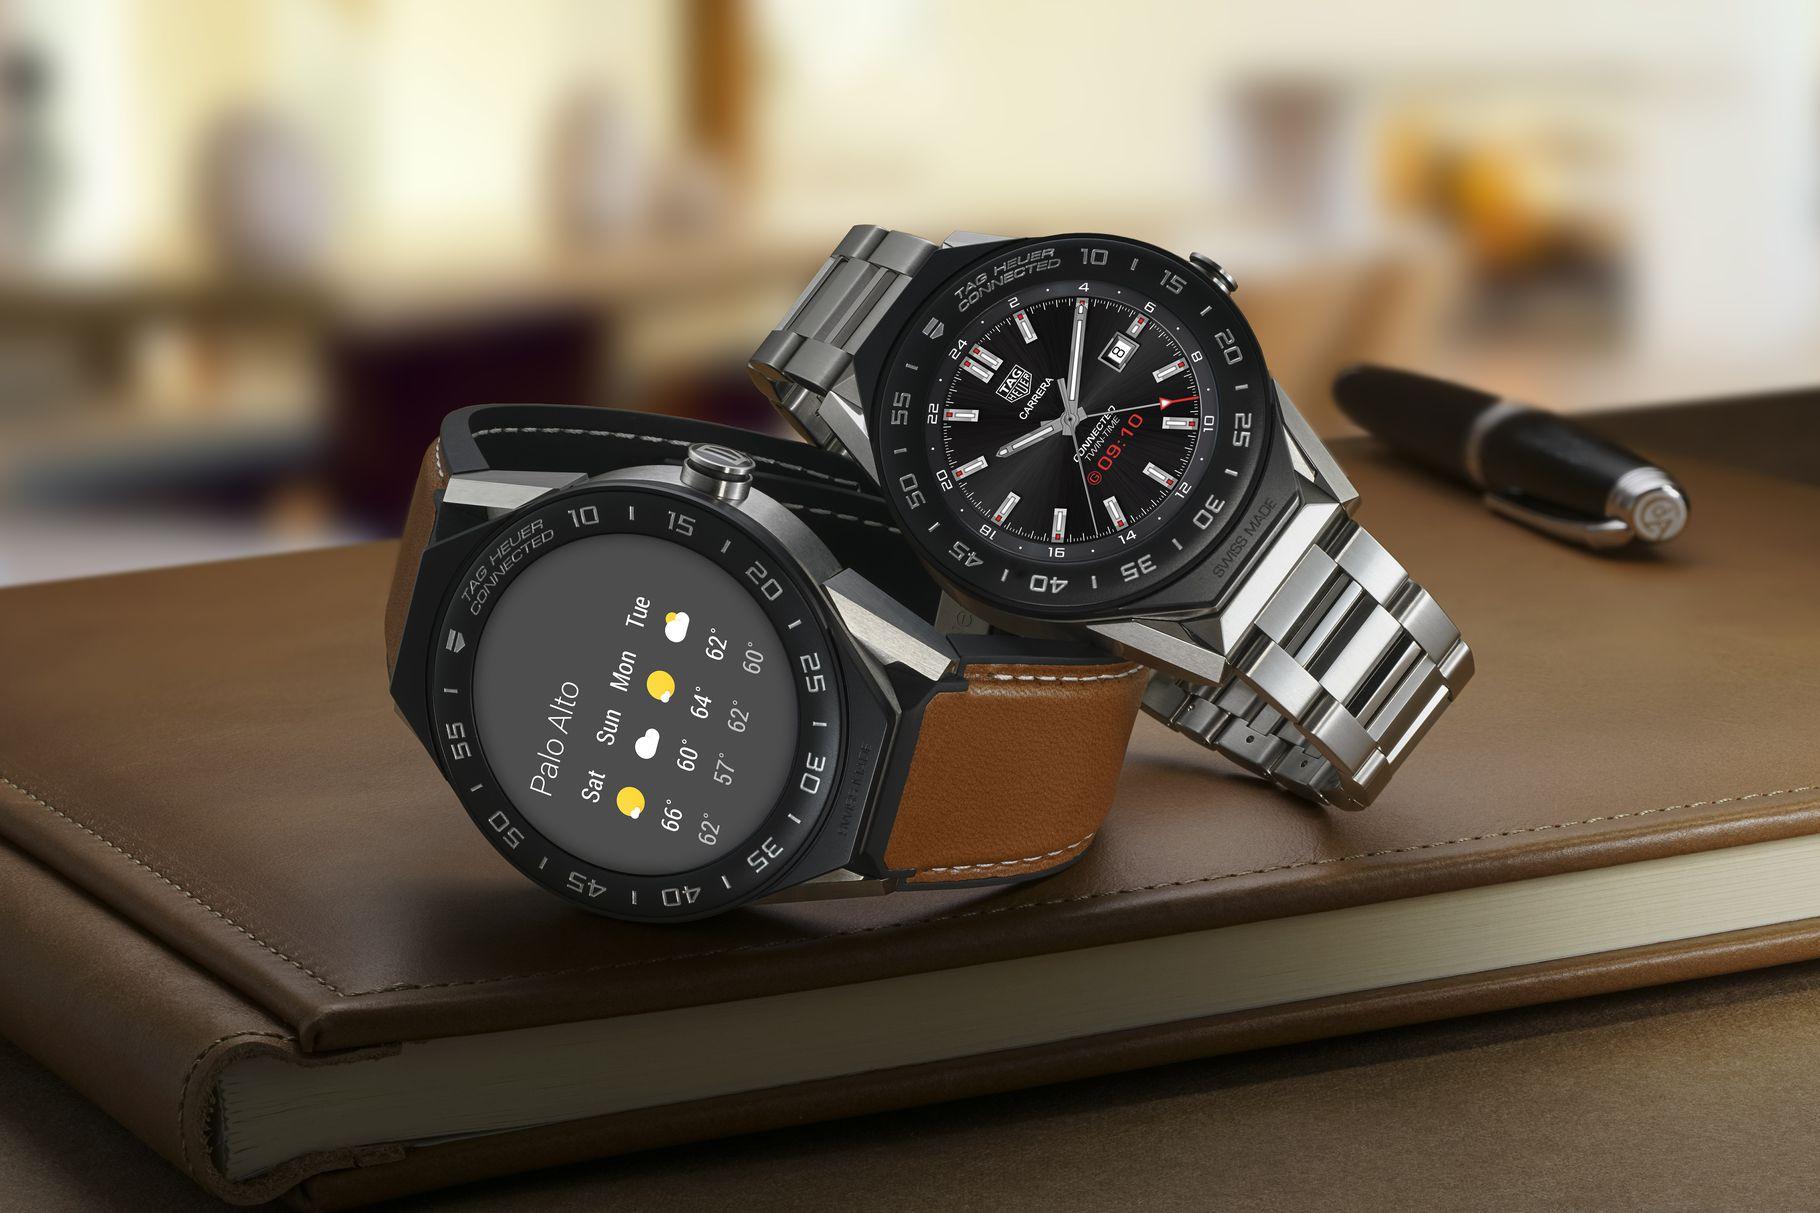 TAG Heuer predstavil nové inteligentné hodinky. Sú menšie a ich vzhľad si  môžete prispôsobiť 22616f783ad